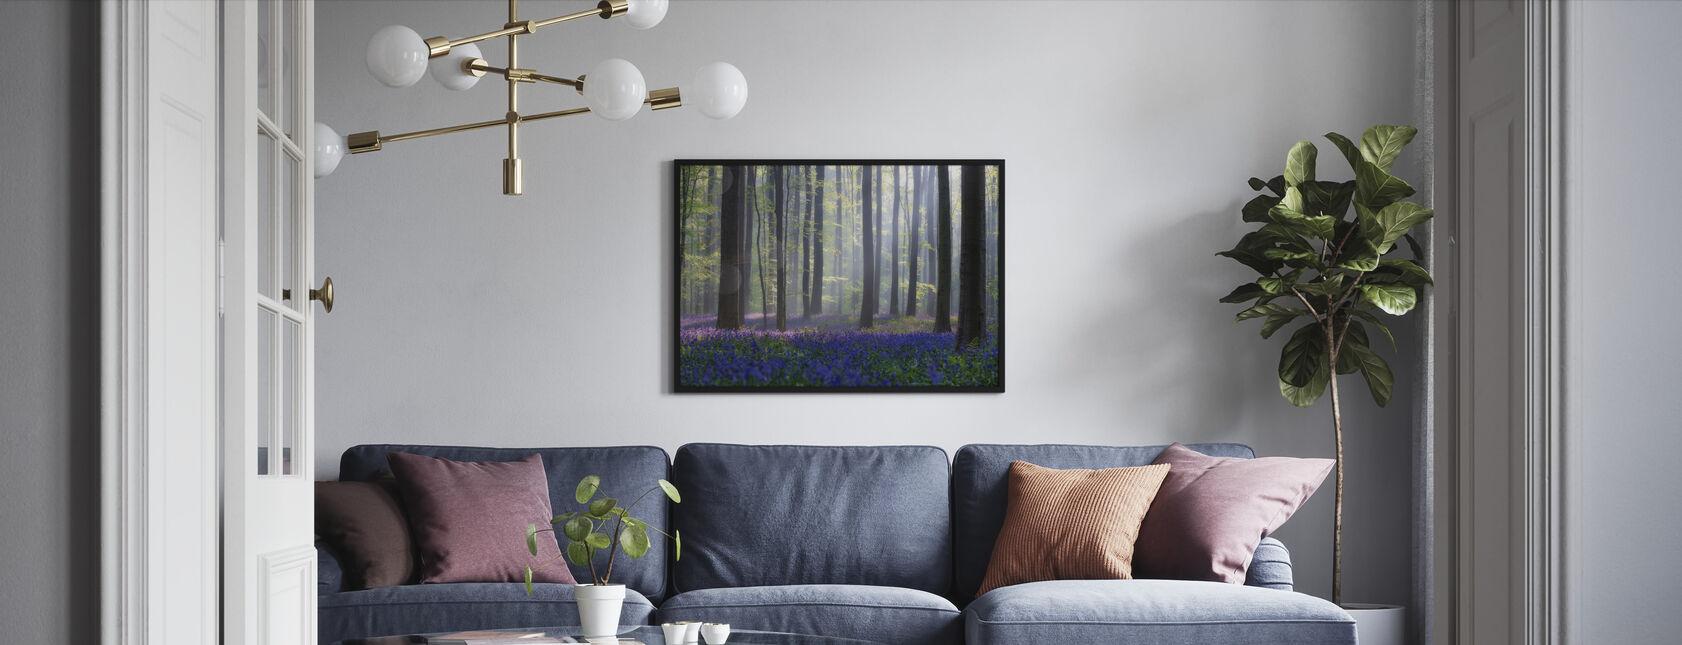 Bluebells - Framed print - Living Room